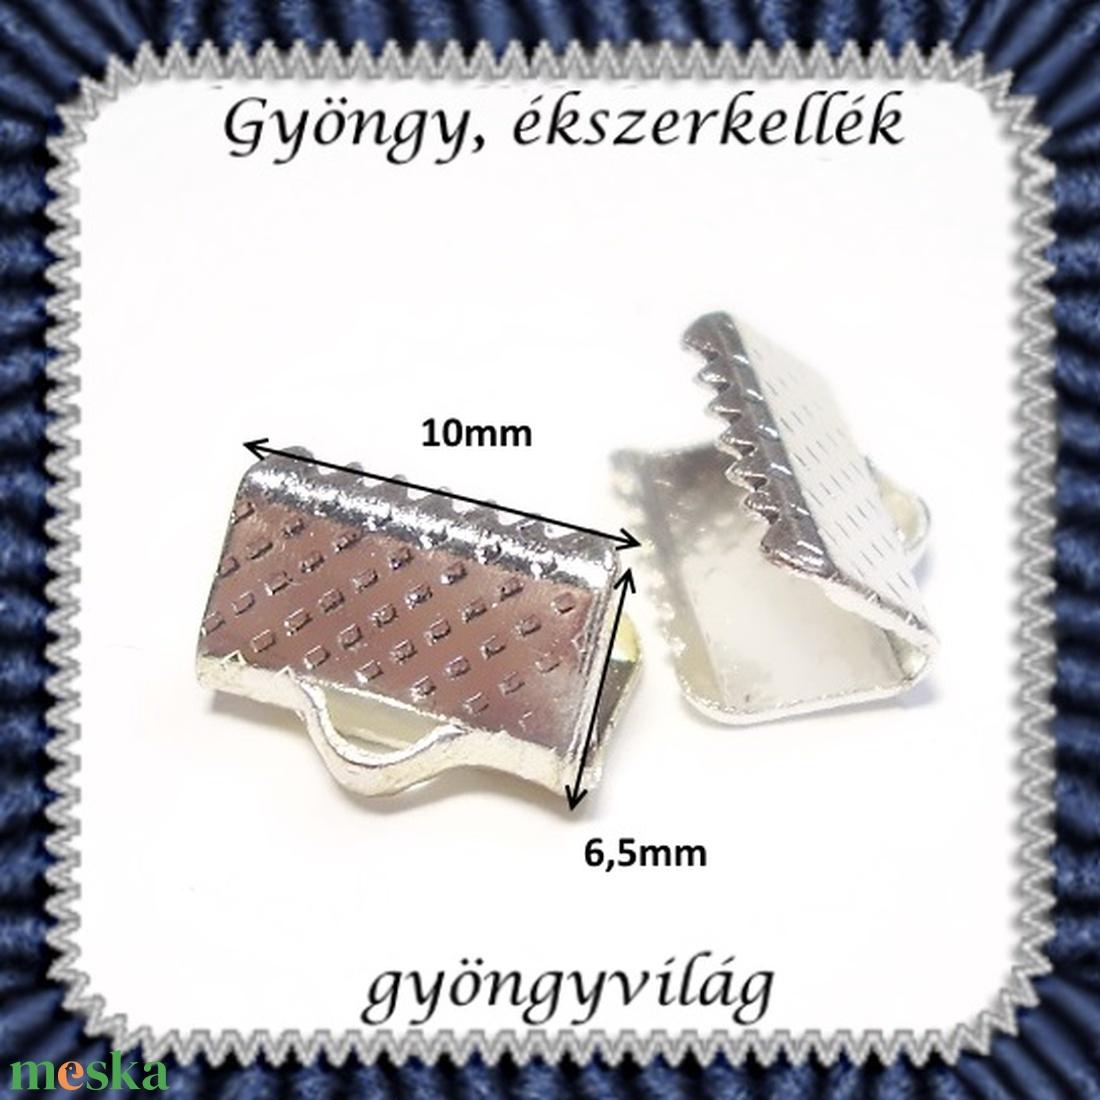 Ékszerkellék: lánckapocs BLK-V11-10r  vég / szalag vég 10 db/ csomag ródiumozott - gyöngy, ékszerkellék - egyéb alkatrész - Meska.hu